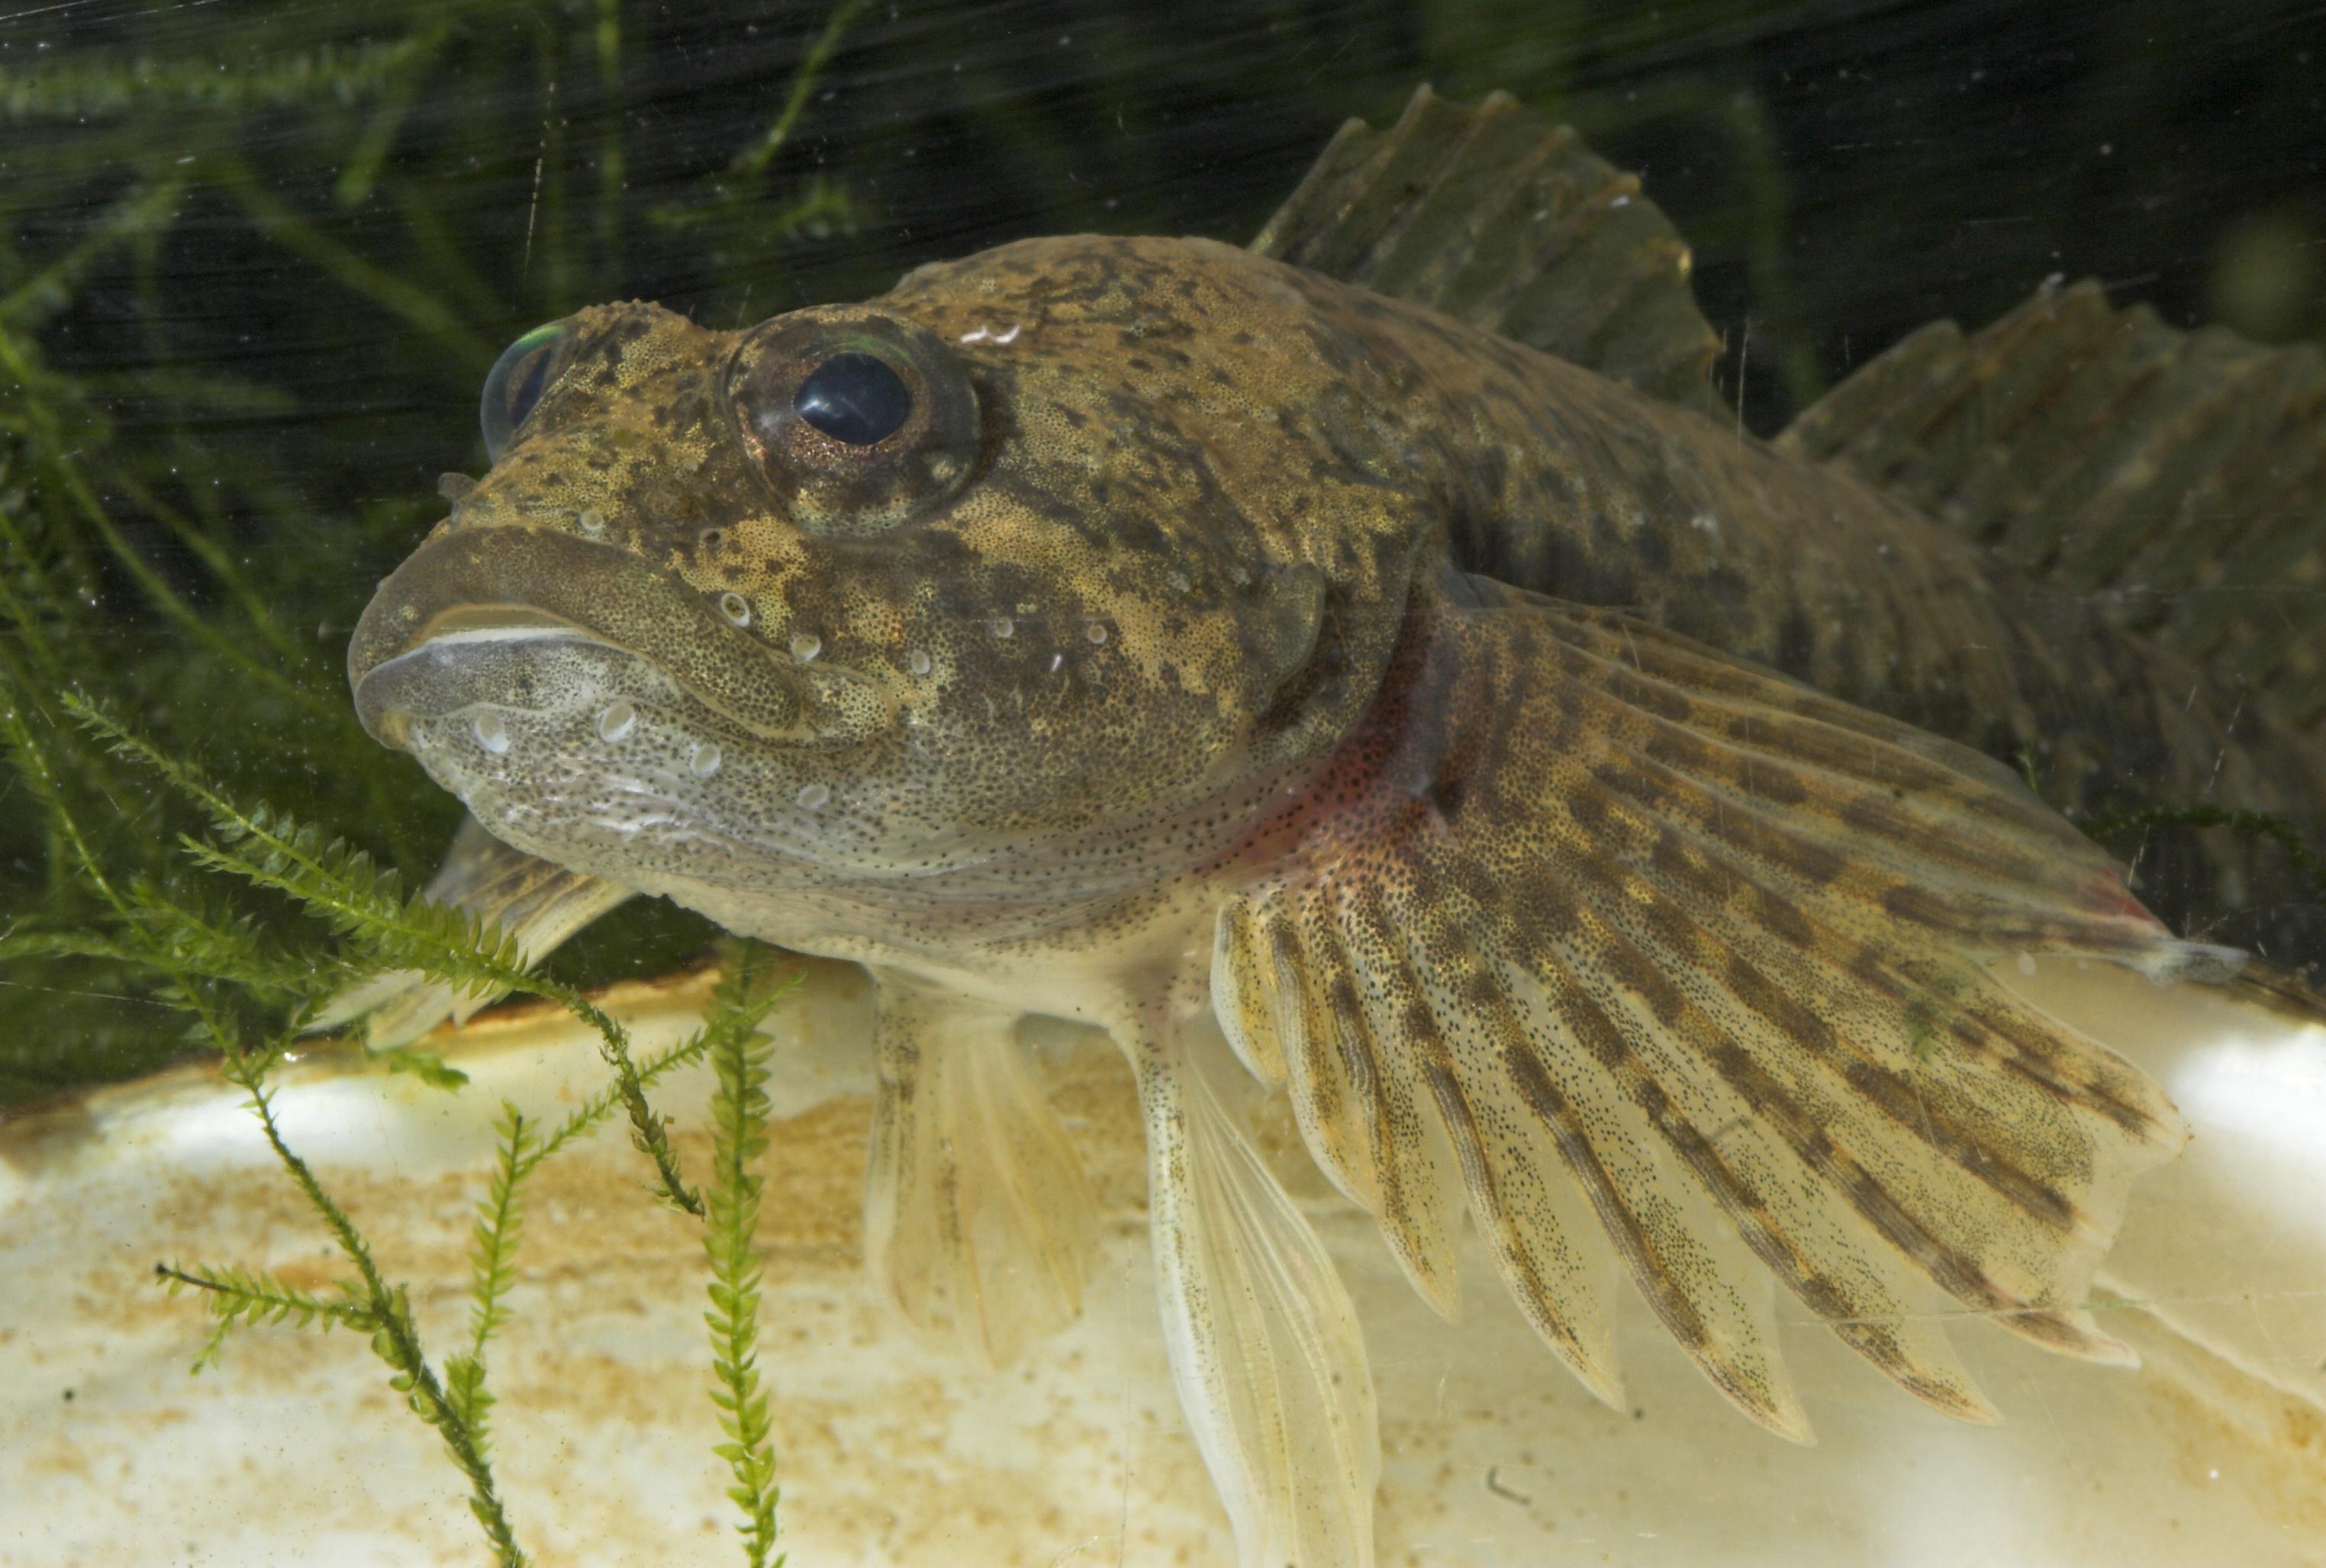 Nahaufnahme eines hellgeblichen, durchsichtigem Fisch mit weitaufgefächerten Vorderflossen